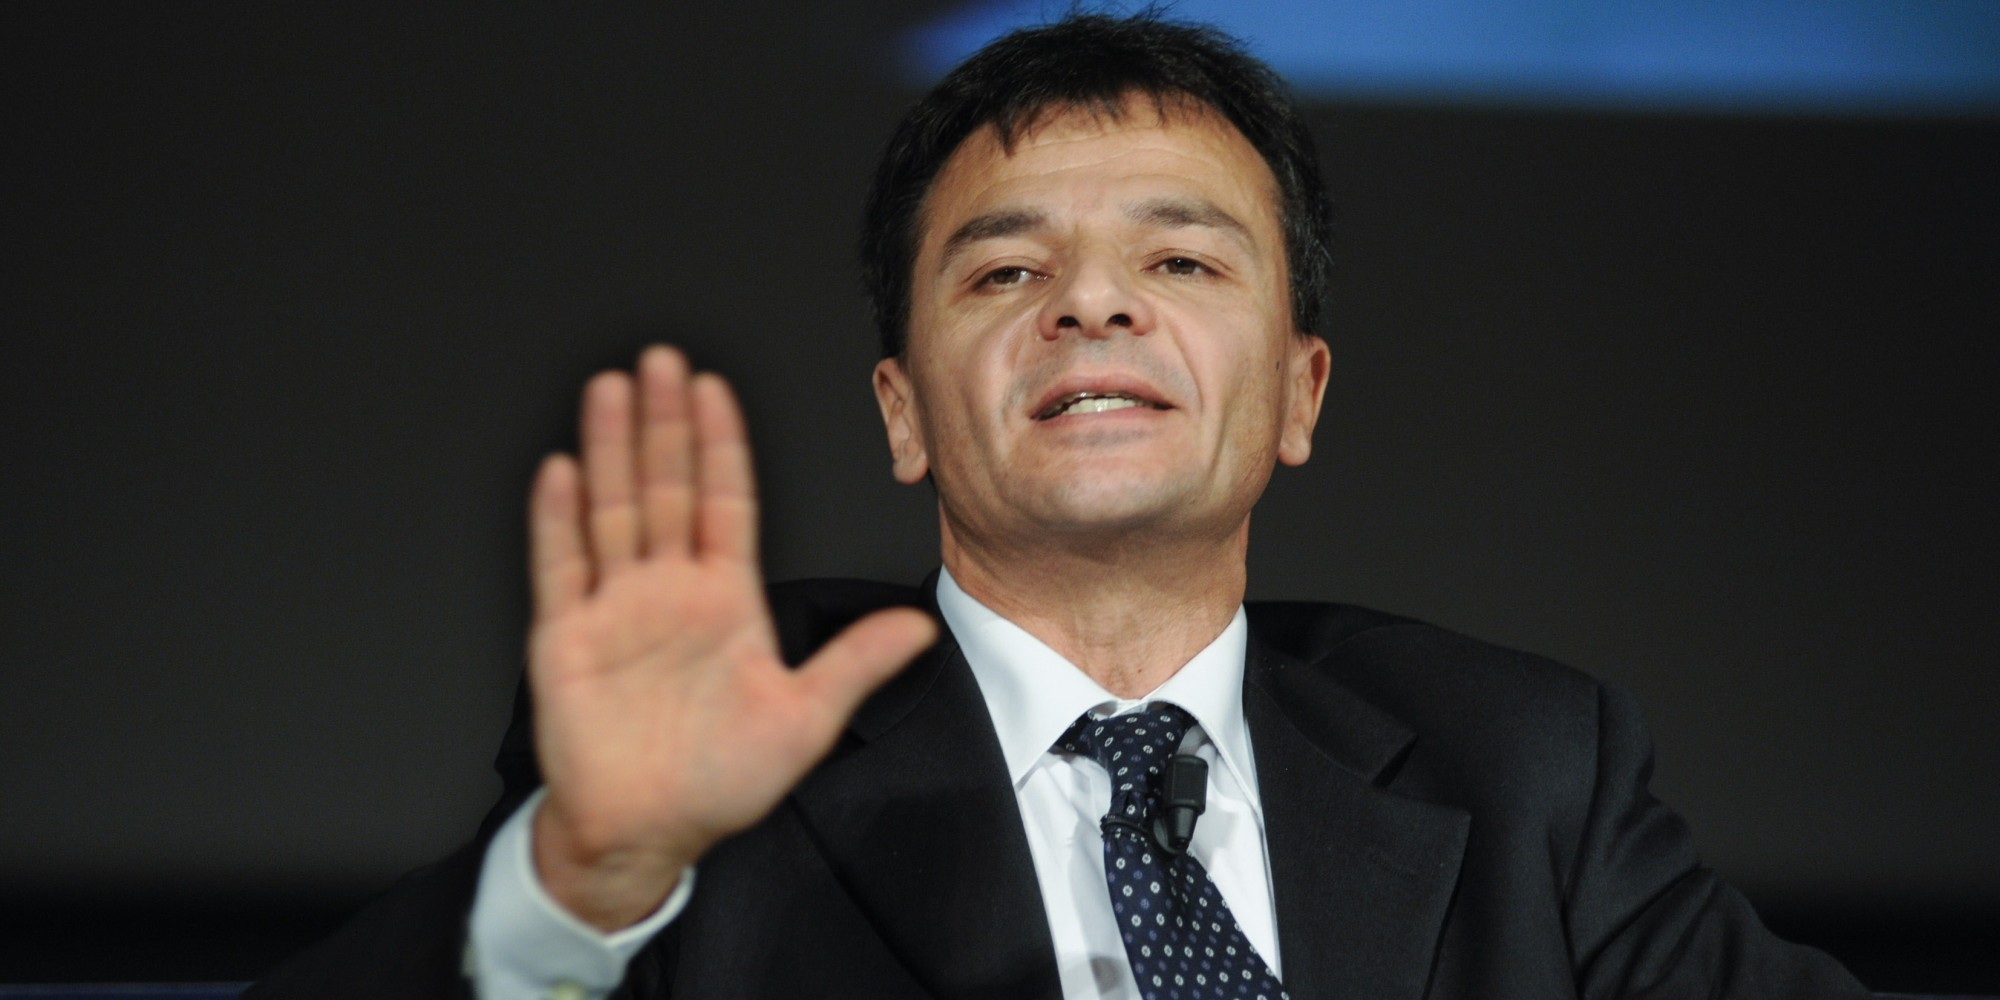 """Resa dei conti nel Pd, Renzi ai ribelli: """"Basta con i diktat"""". La rabbia di Fassina: """"Se vuoi il voto dillo"""""""